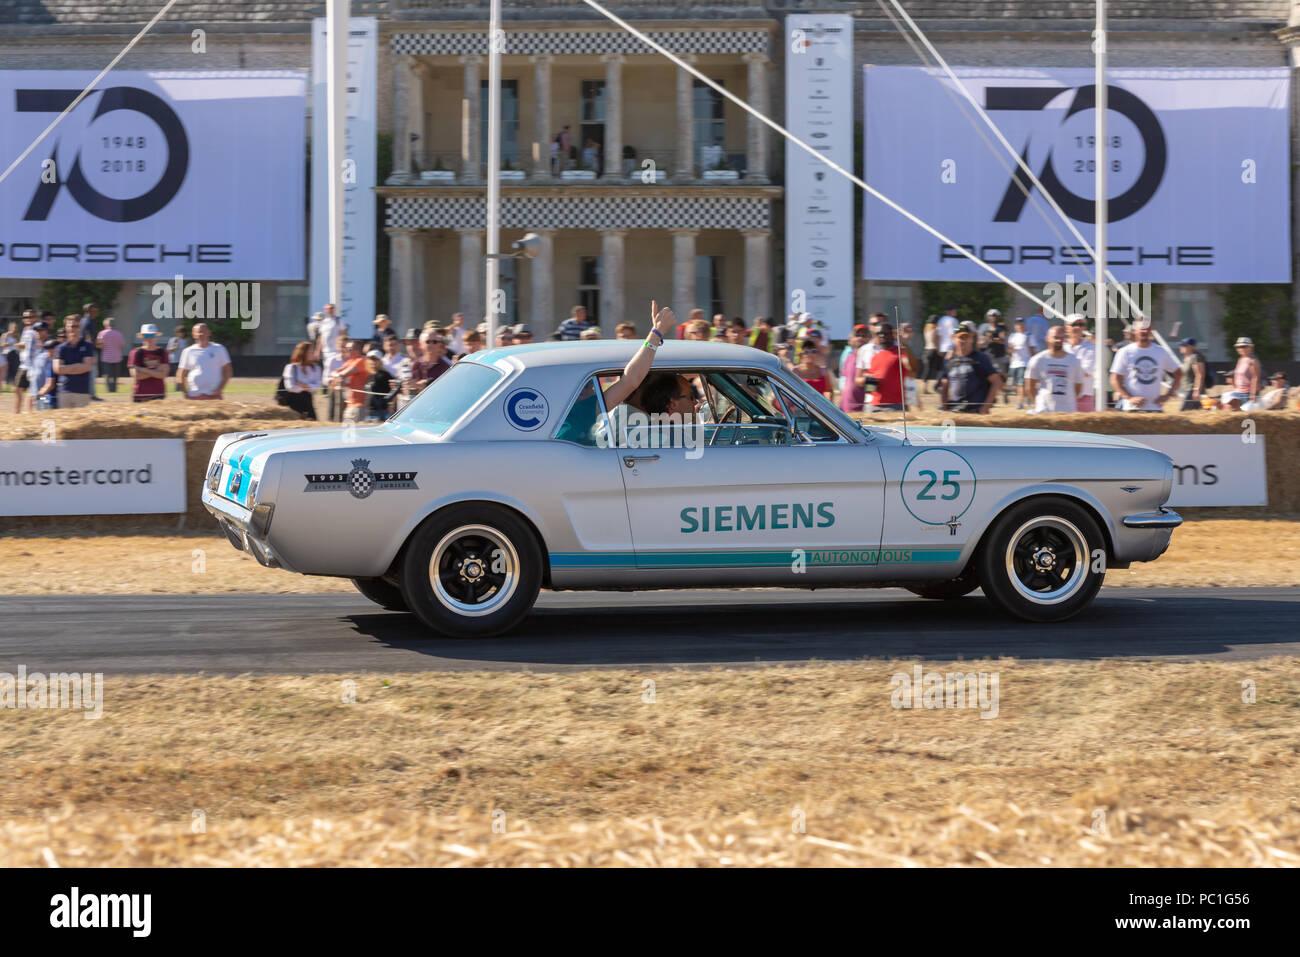 Siemens autonomen Auto, eine Vintage Ford Mustang macht Fortschritte auf den Hügel klettern, Goodwood House beim Festival der Geschwindigkeit 2018 Stockbild